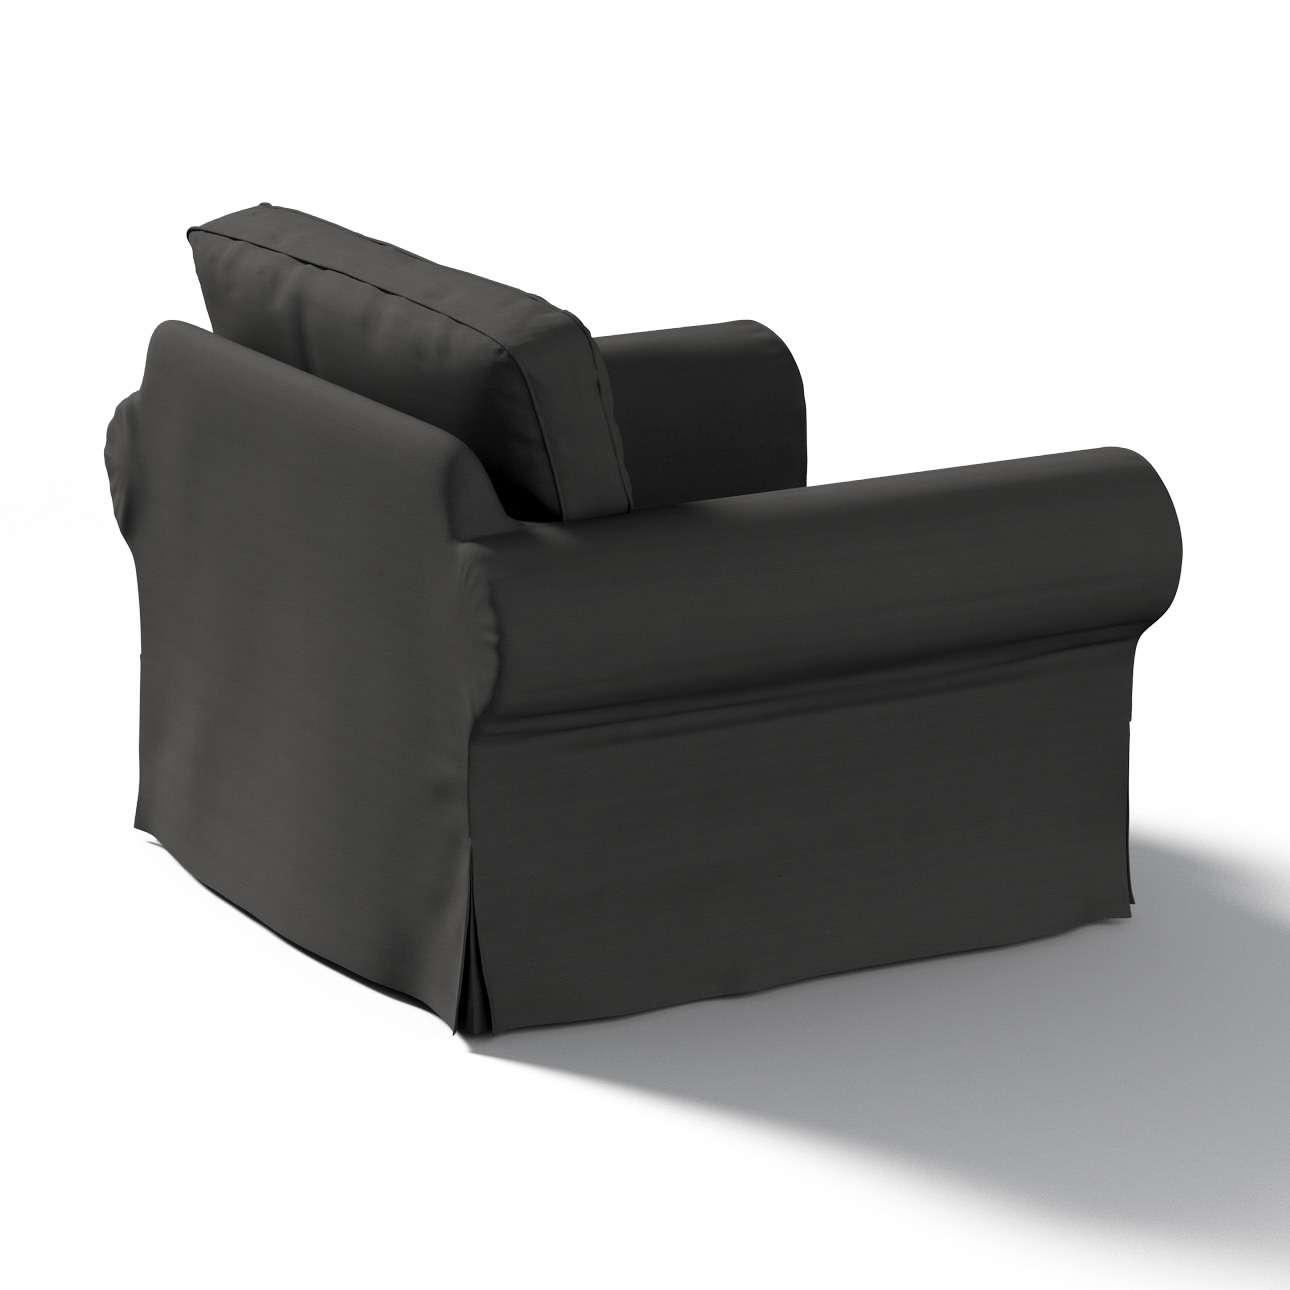 EKTORP fotelio užvalkalas Ektorp fotelio užvalkalas kolekcijoje Cotton Panama, audinys: 702-08